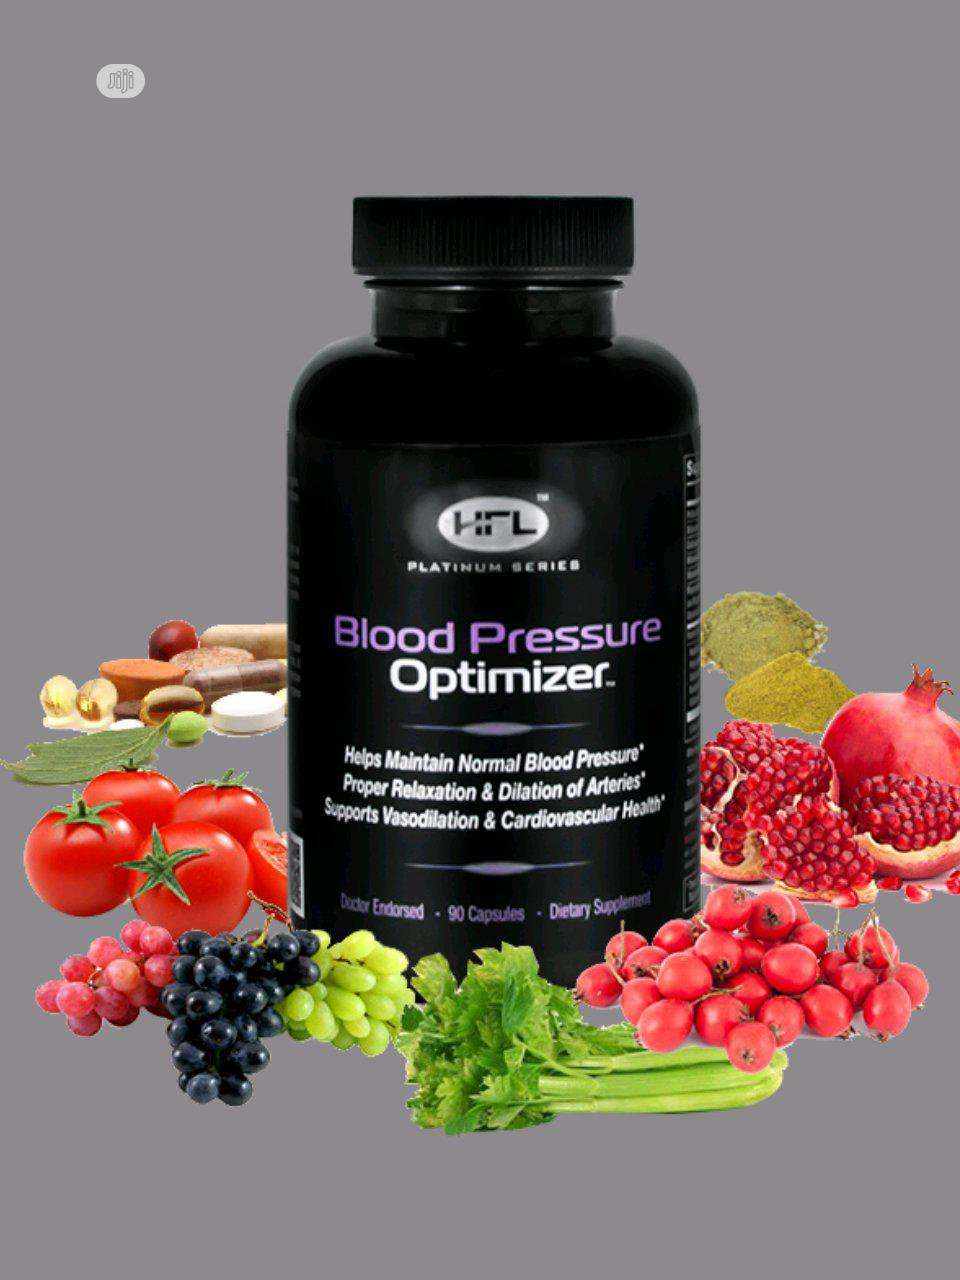 Blood Pressure Optimizer